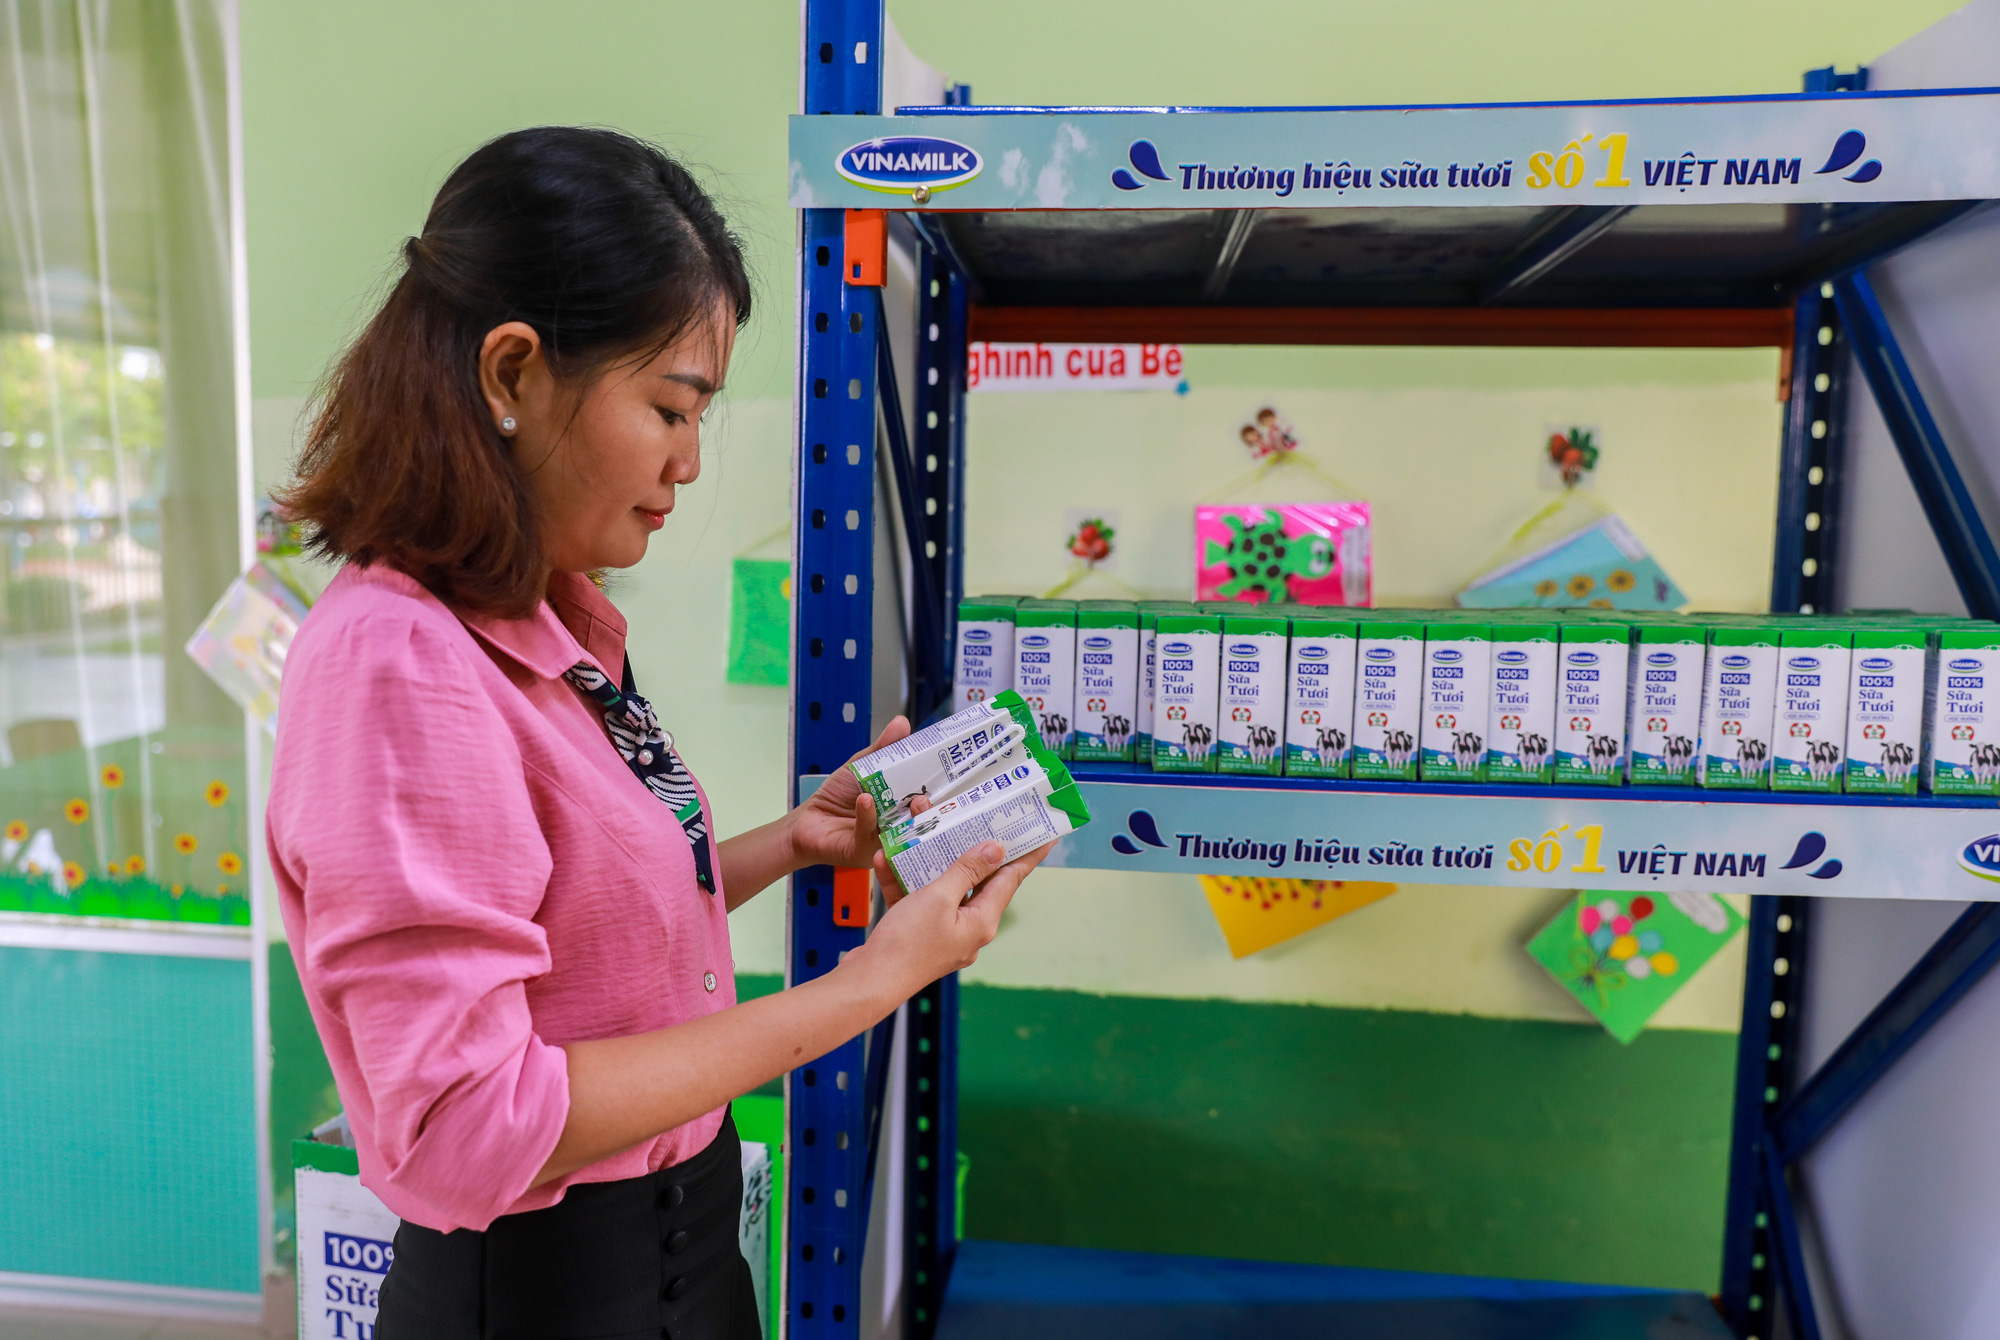 """Những giờ uống sữa """"vui khoẻ, an toàn"""" của học sinh TP.HCM - Ảnh 10."""